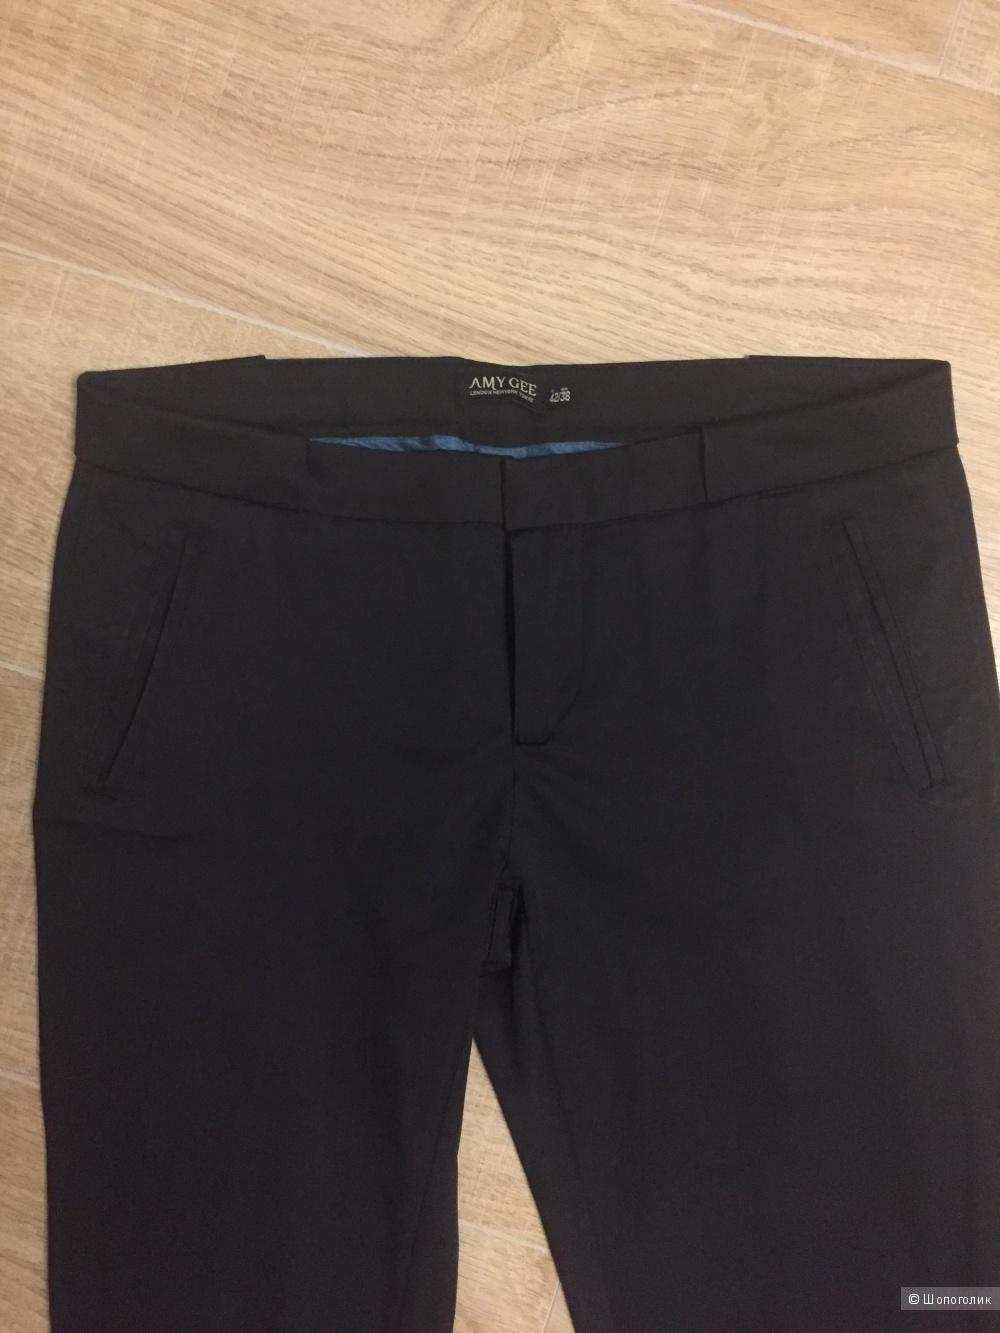 Итальянские брюки Amy gee. Размер М.